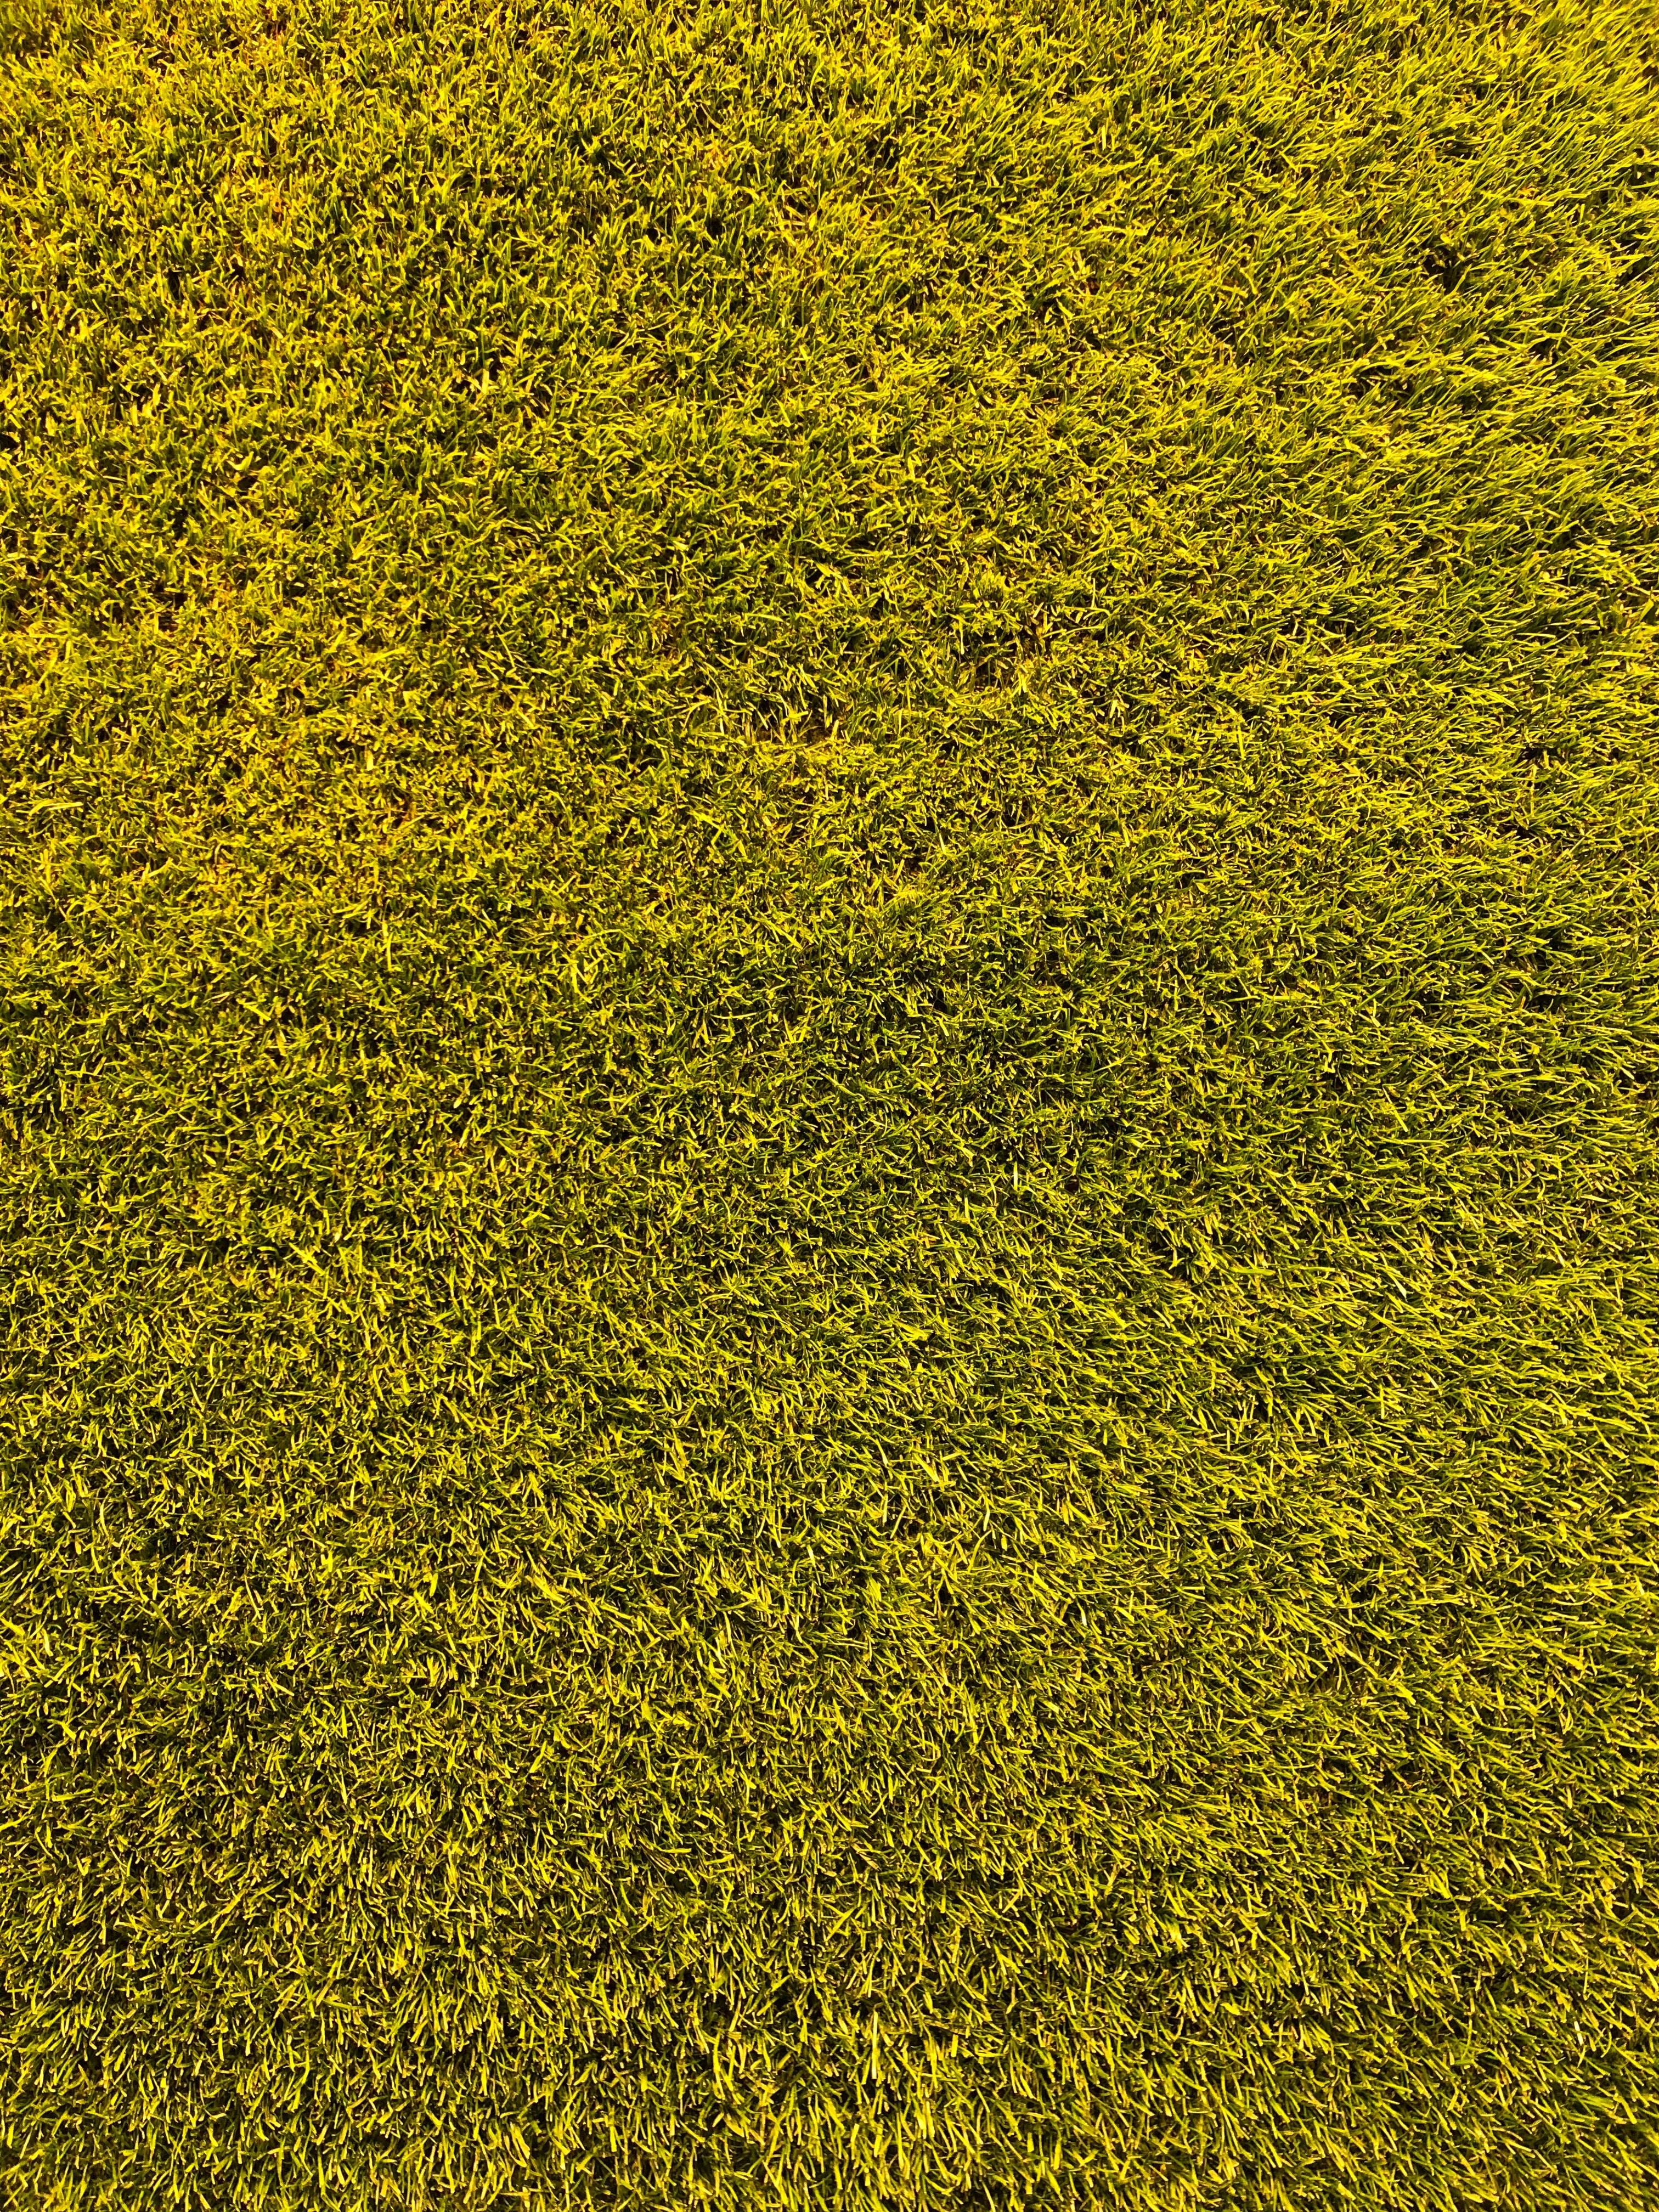 94398 скачать обои Трава, Текстура, Текстуры, Зеленый, Газон - заставки и картинки бесплатно